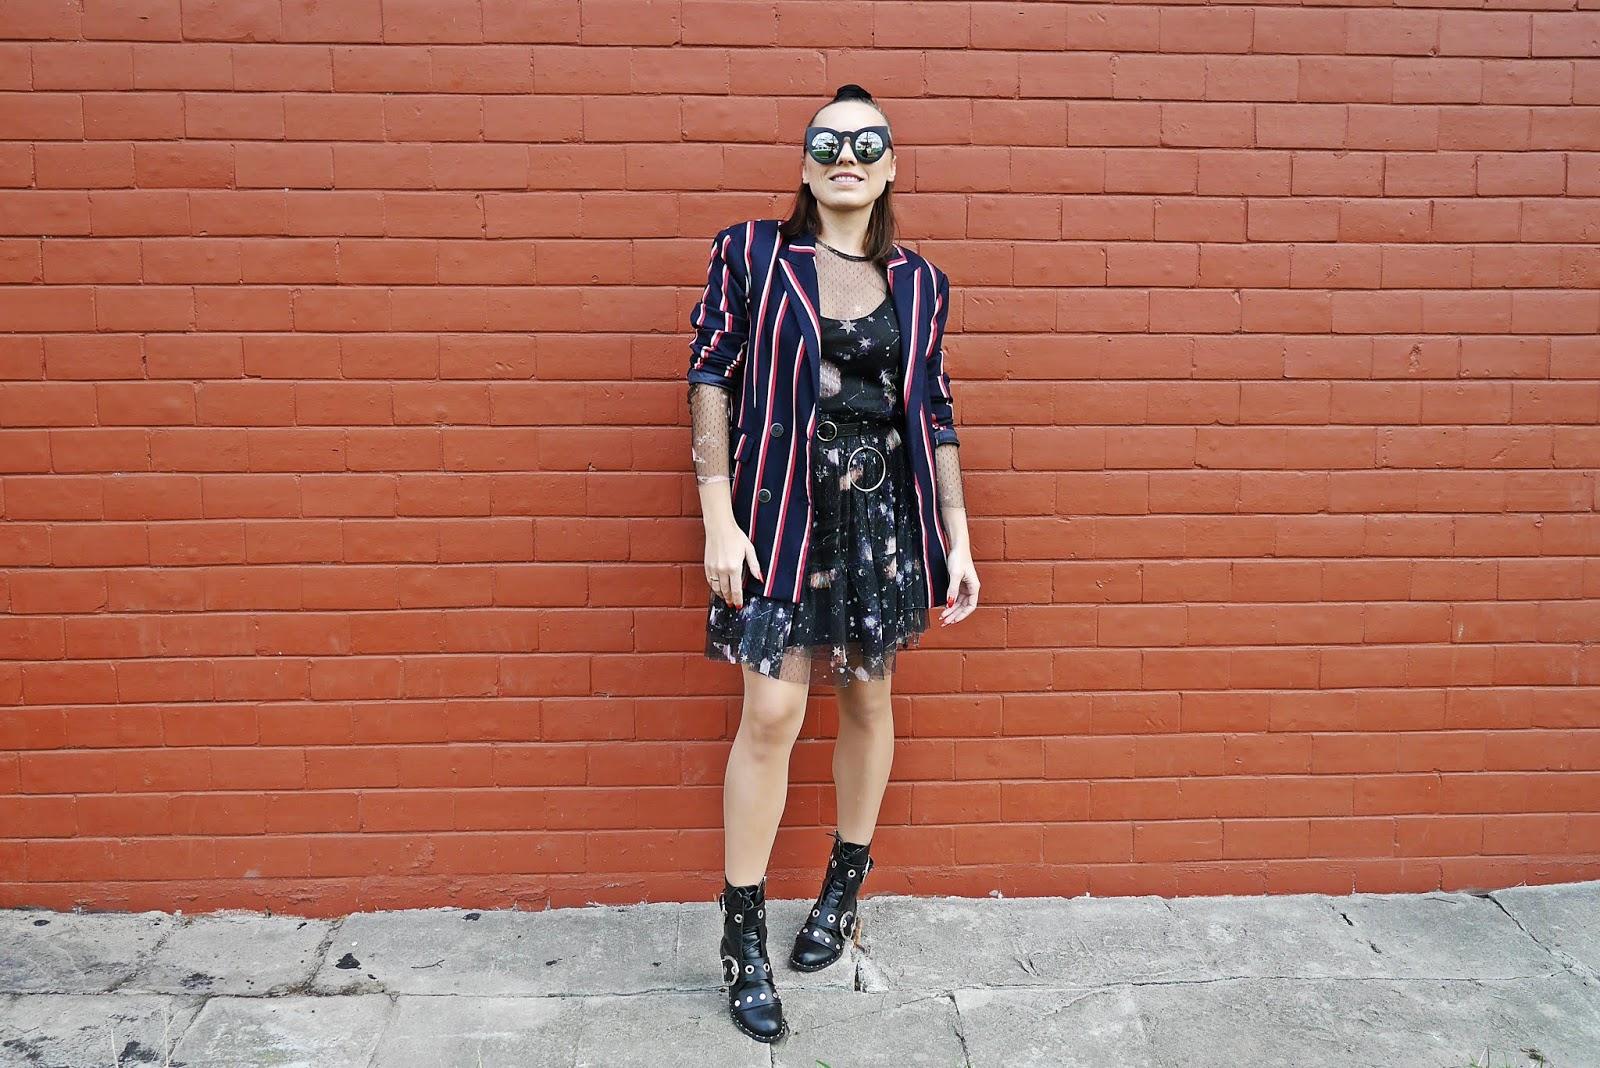 marynarka w paski mango sukienka przezroczysta galaxy cropp czarna pasek aliexpress koło botki czarne rockowe renee karyn blog modowy blogerka modowa stylizacje modowe stylizacje dla kobiet moda dla kobiet rockowy zestaw puławy